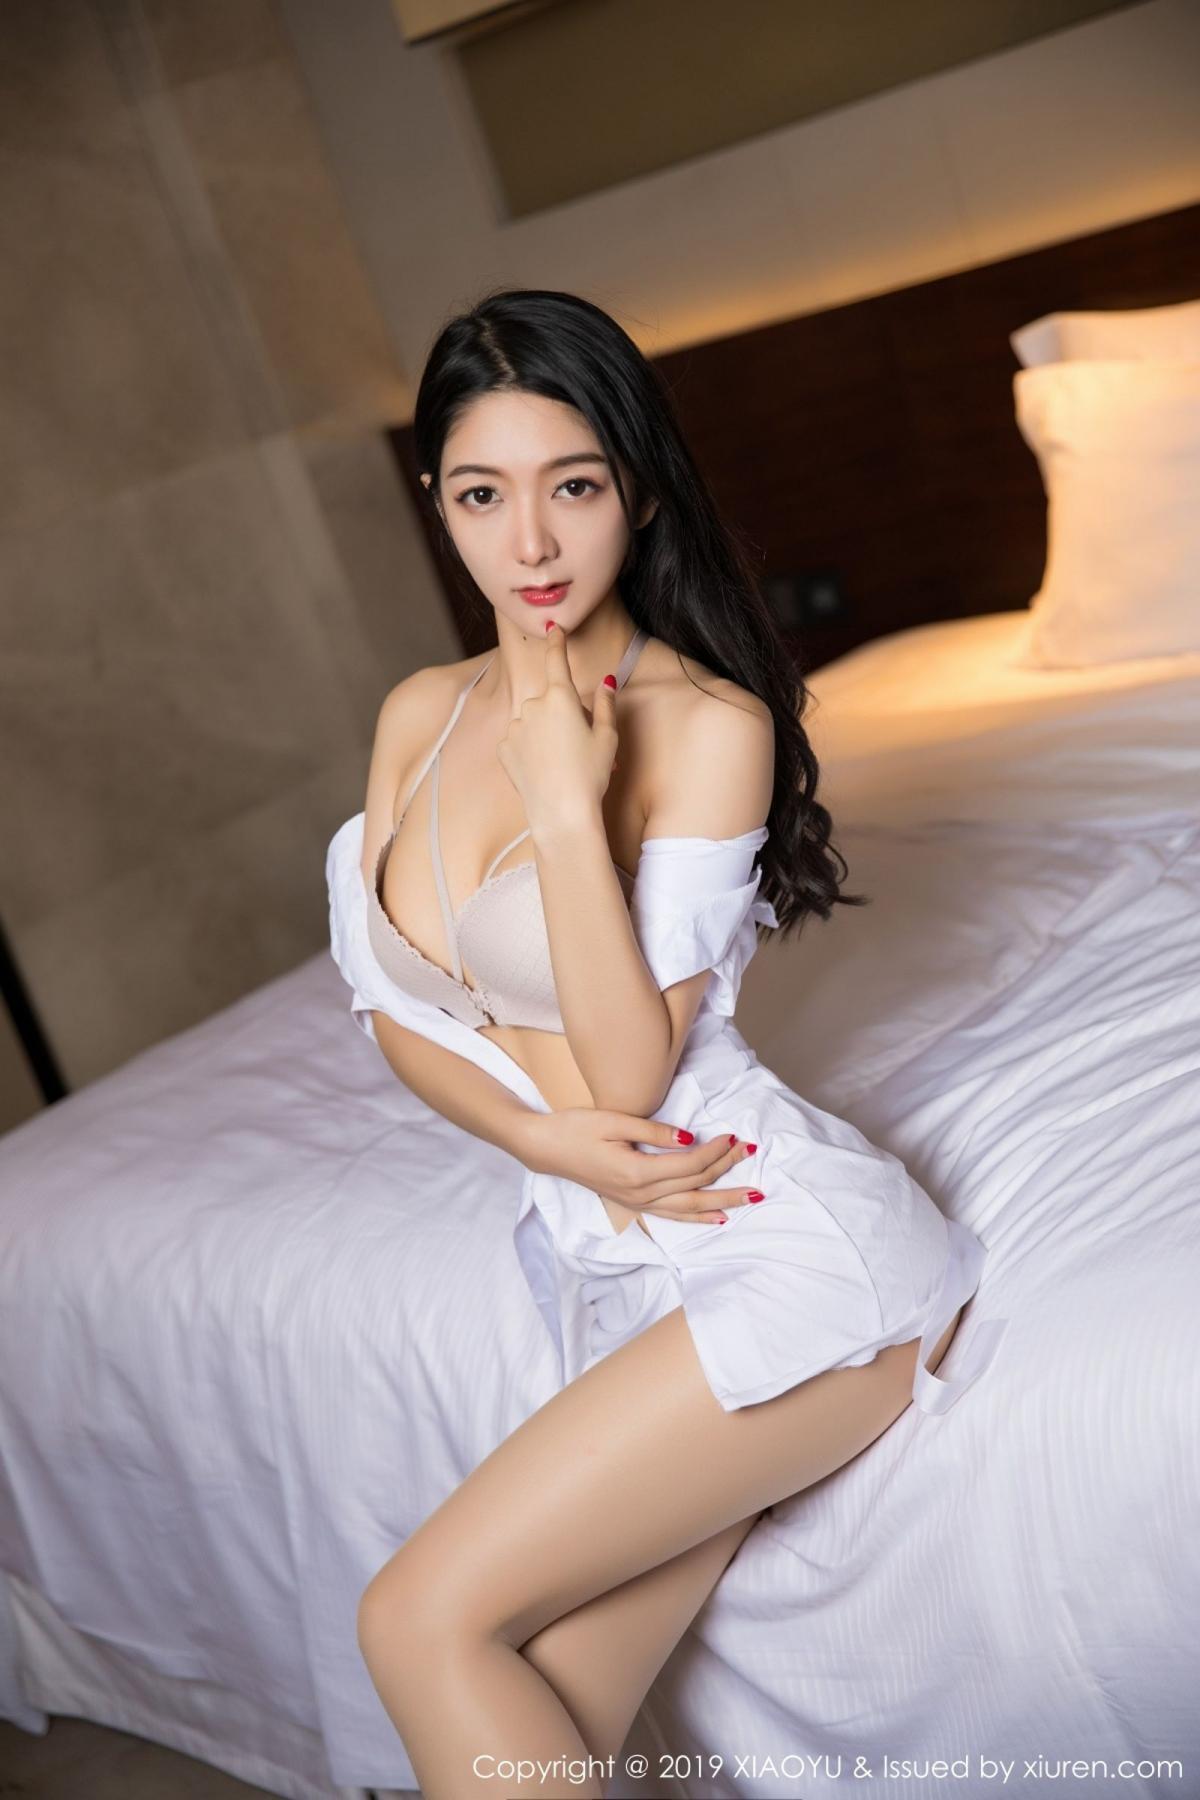 [XiaoYu] Vol.004 Di Yi 59P, Di Yi, Home, Tall, XiaoYu